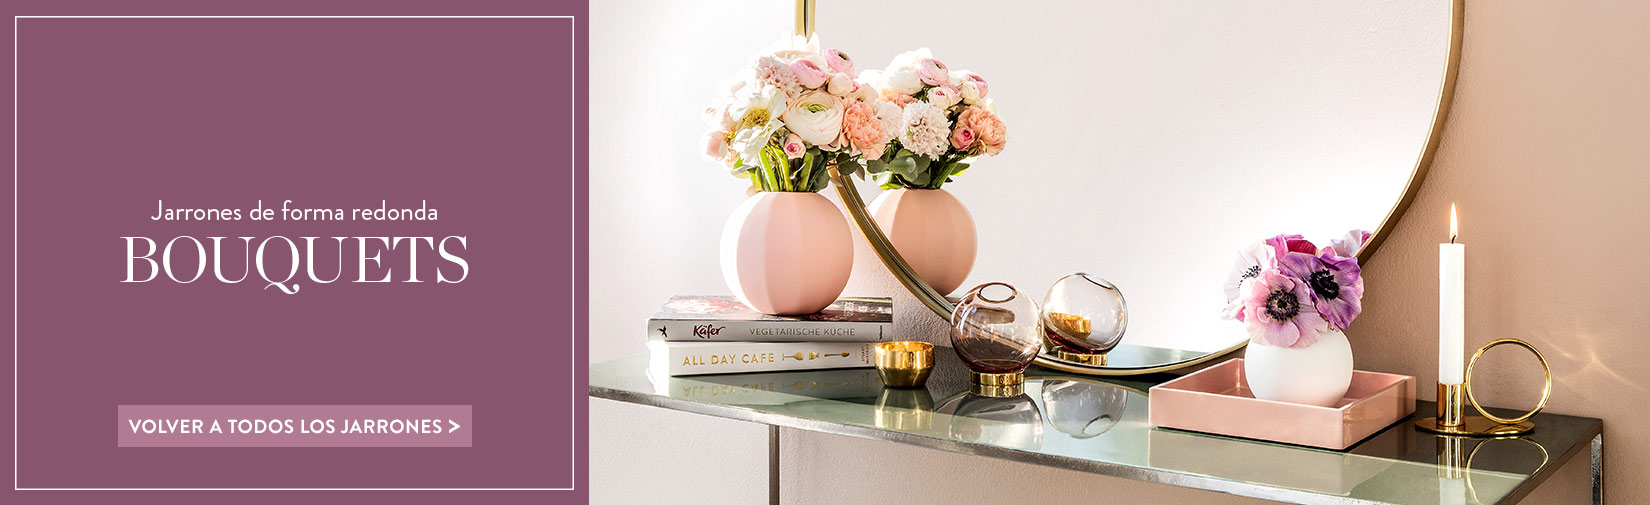 LP_Bouquets_Desktop